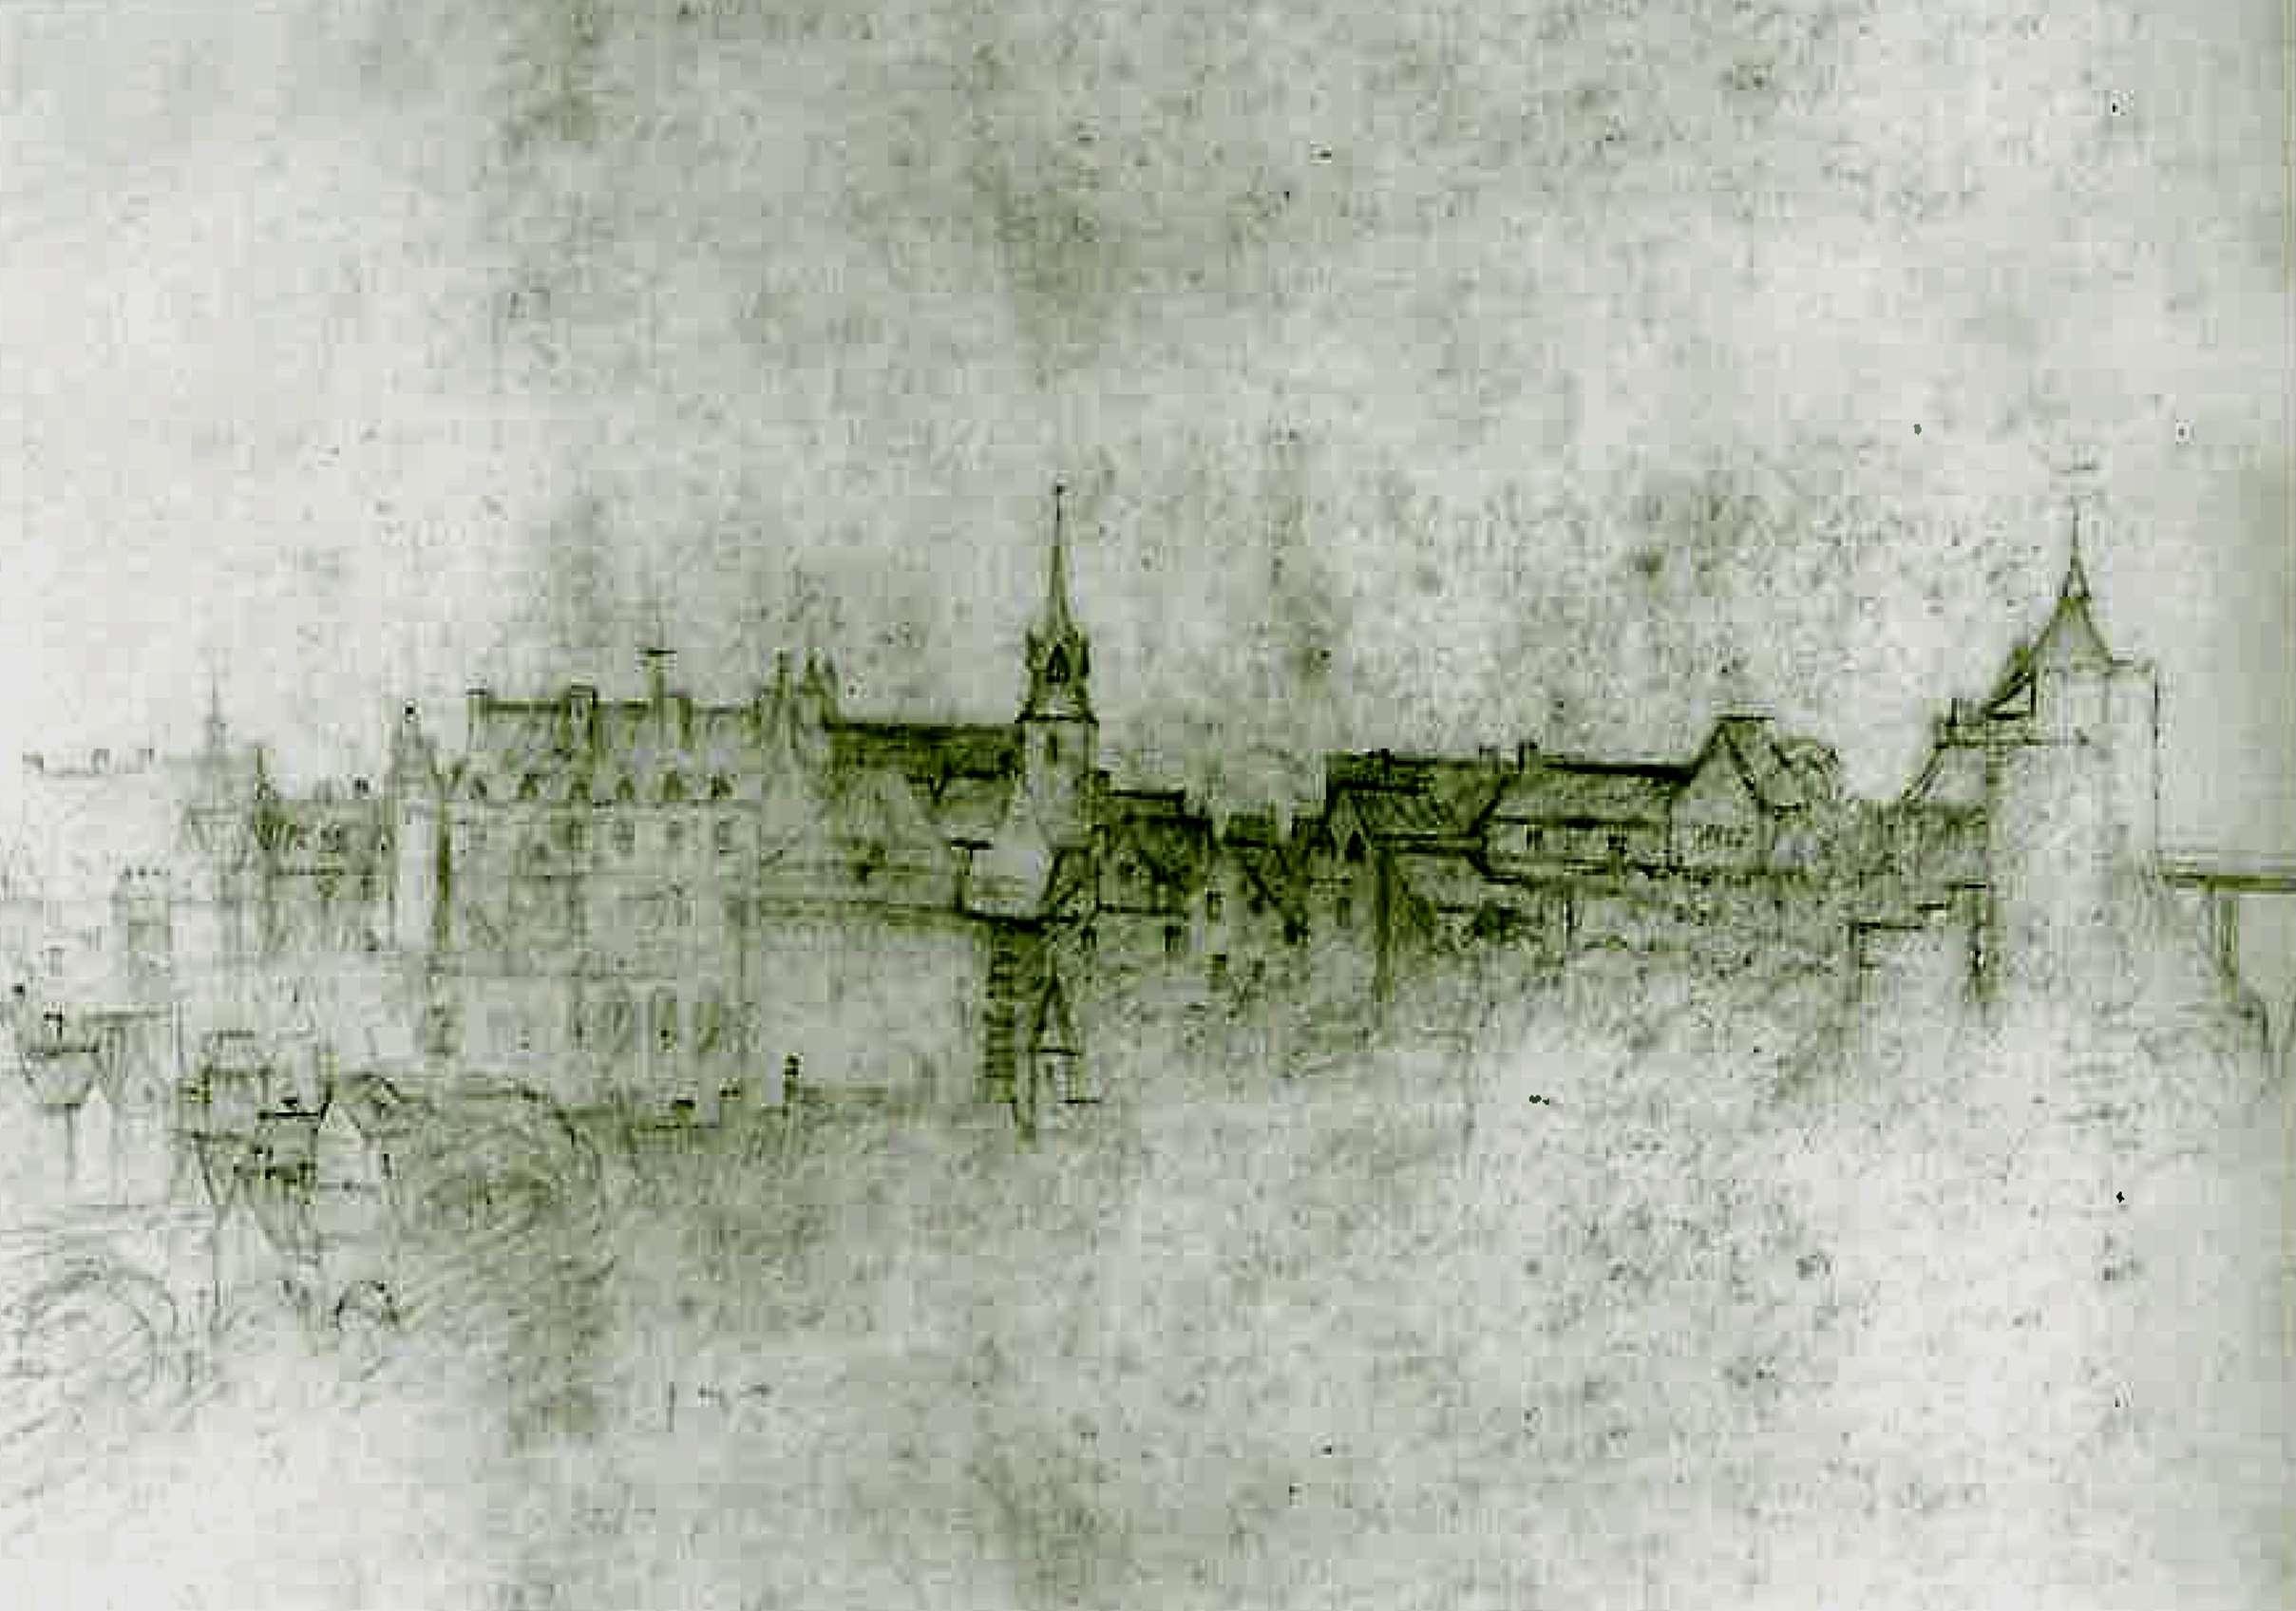 Dessin attribué à l'atelier de Léonard de Vinci (datant de 1517).